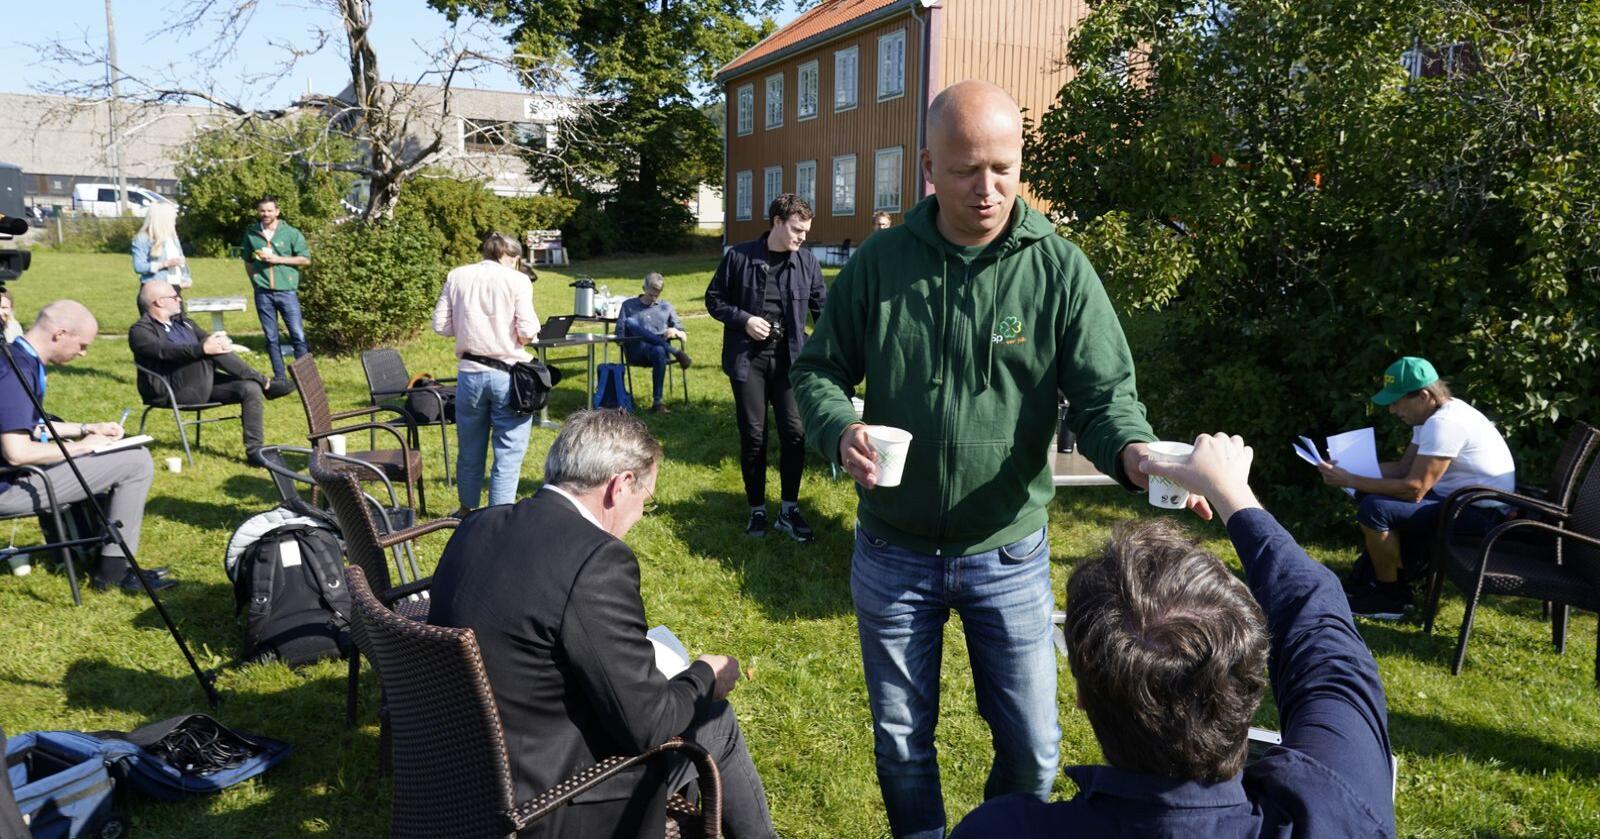 """Kaffe: Trygve Slagsvold Vedum serverer kaffe under lanseringen av boka """"Nær folk"""" på Kafè Steinbra i Groruddalen mandag. Foto: Gorm Kallestad / NTB"""